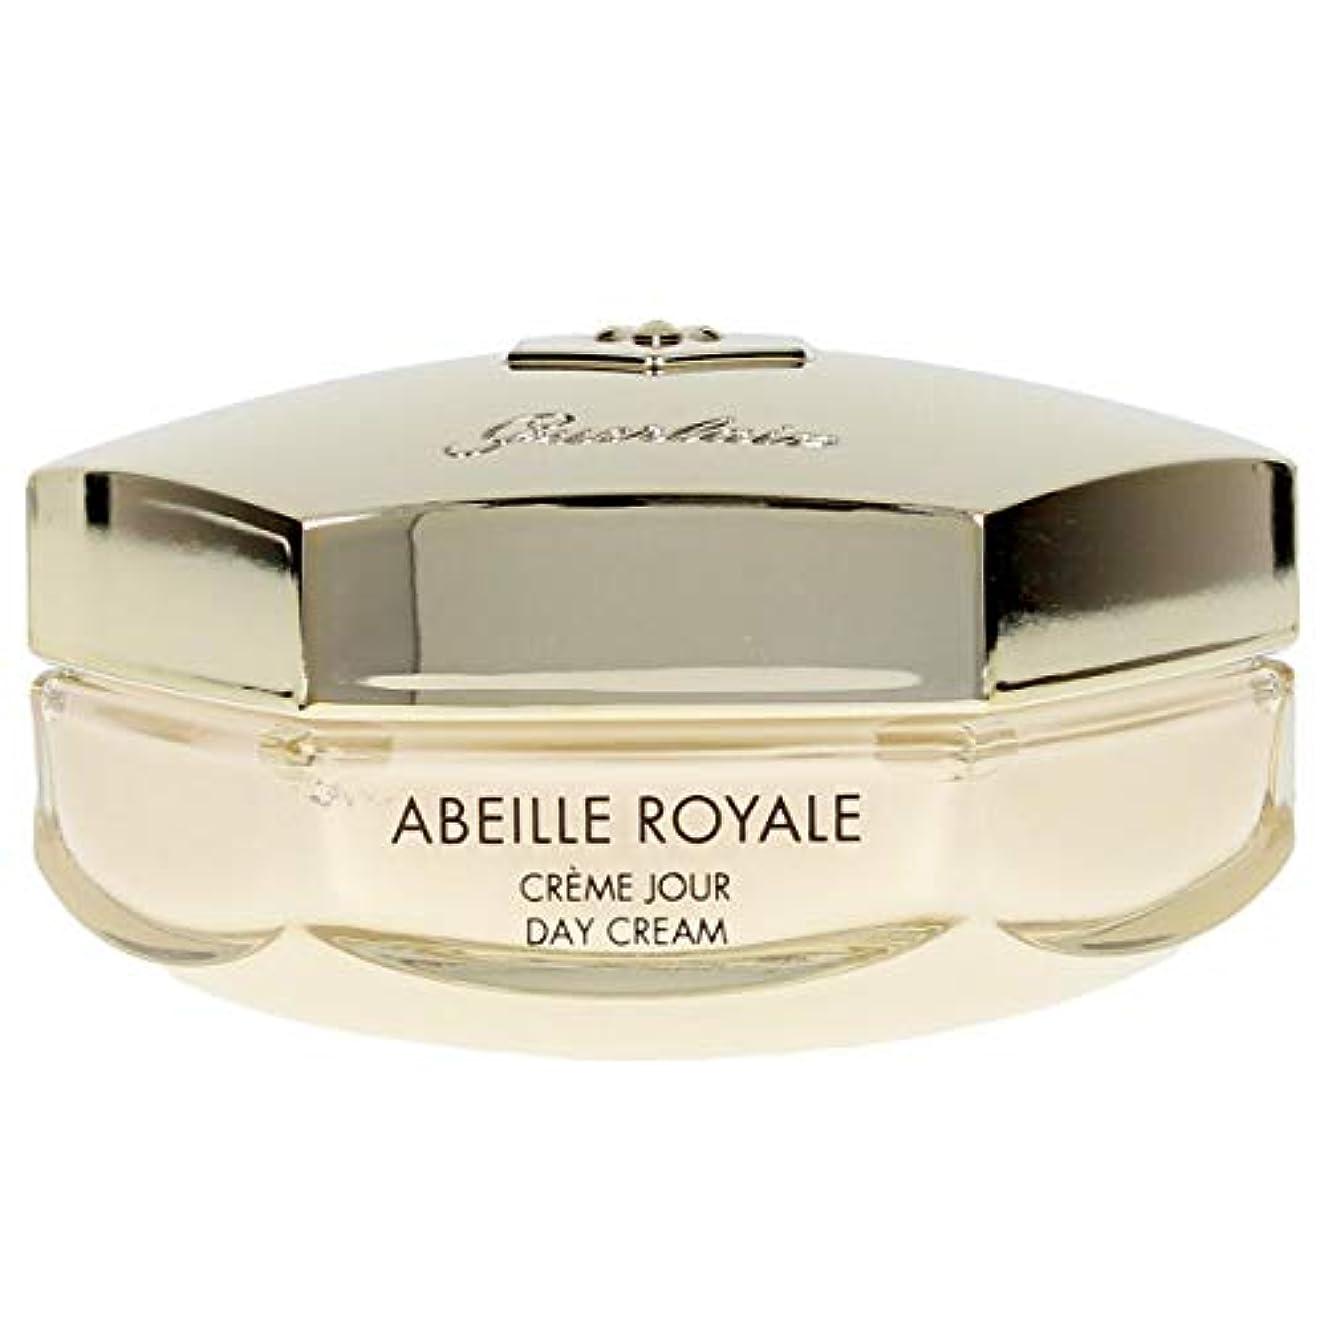 十分遺伝子登録するゲラン Abeille Royale Day Cream - Firms, Smoothes & Illuminates 50ml/1.6oz並行輸入品